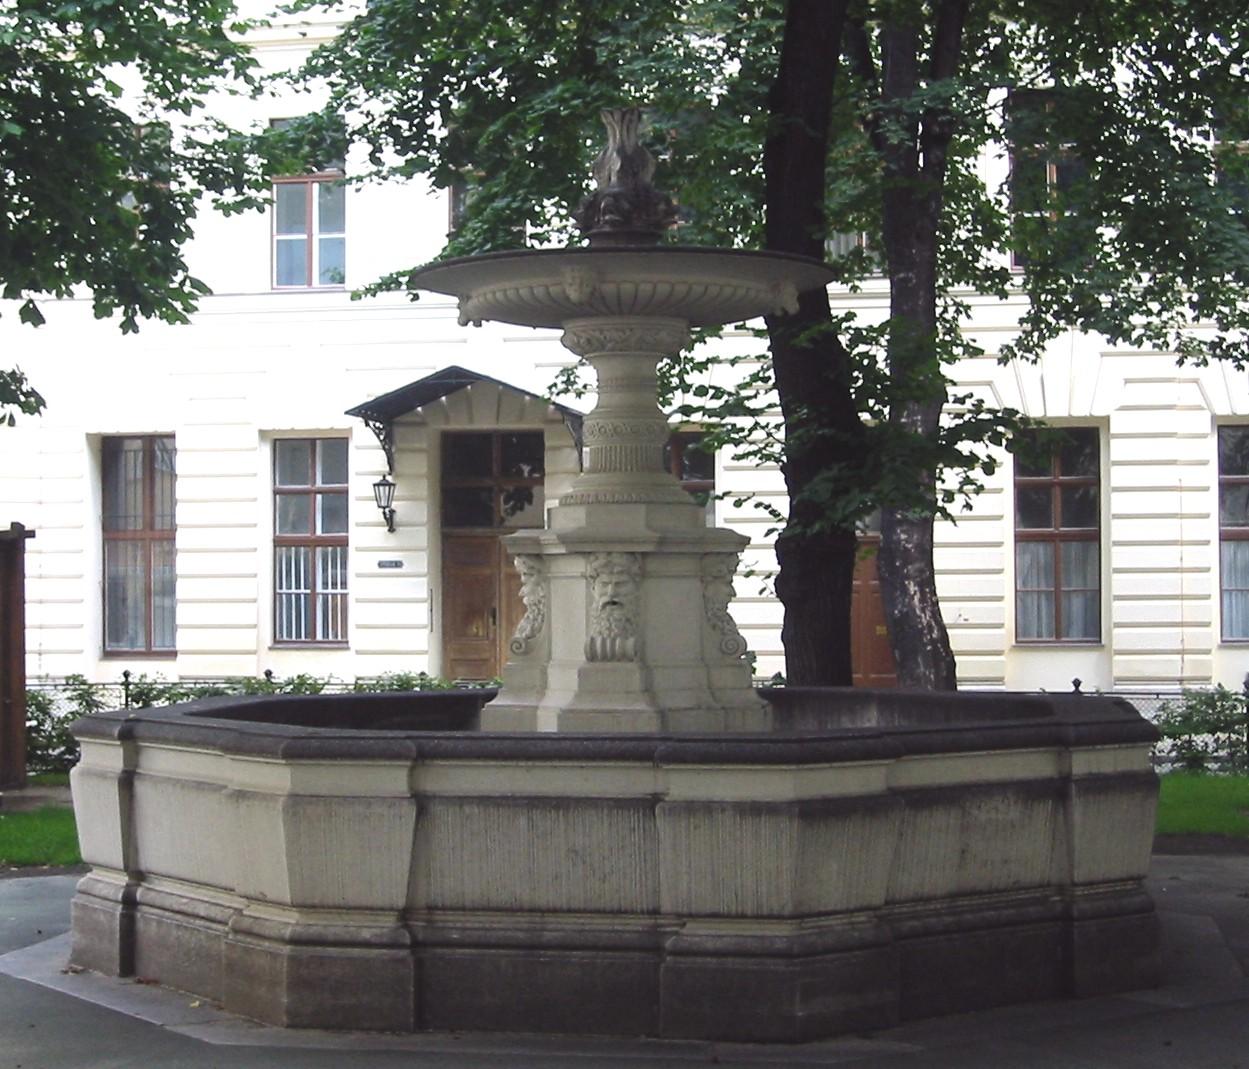 Villa Salzburg Dresden Wohndesign: Delphinbrunnen